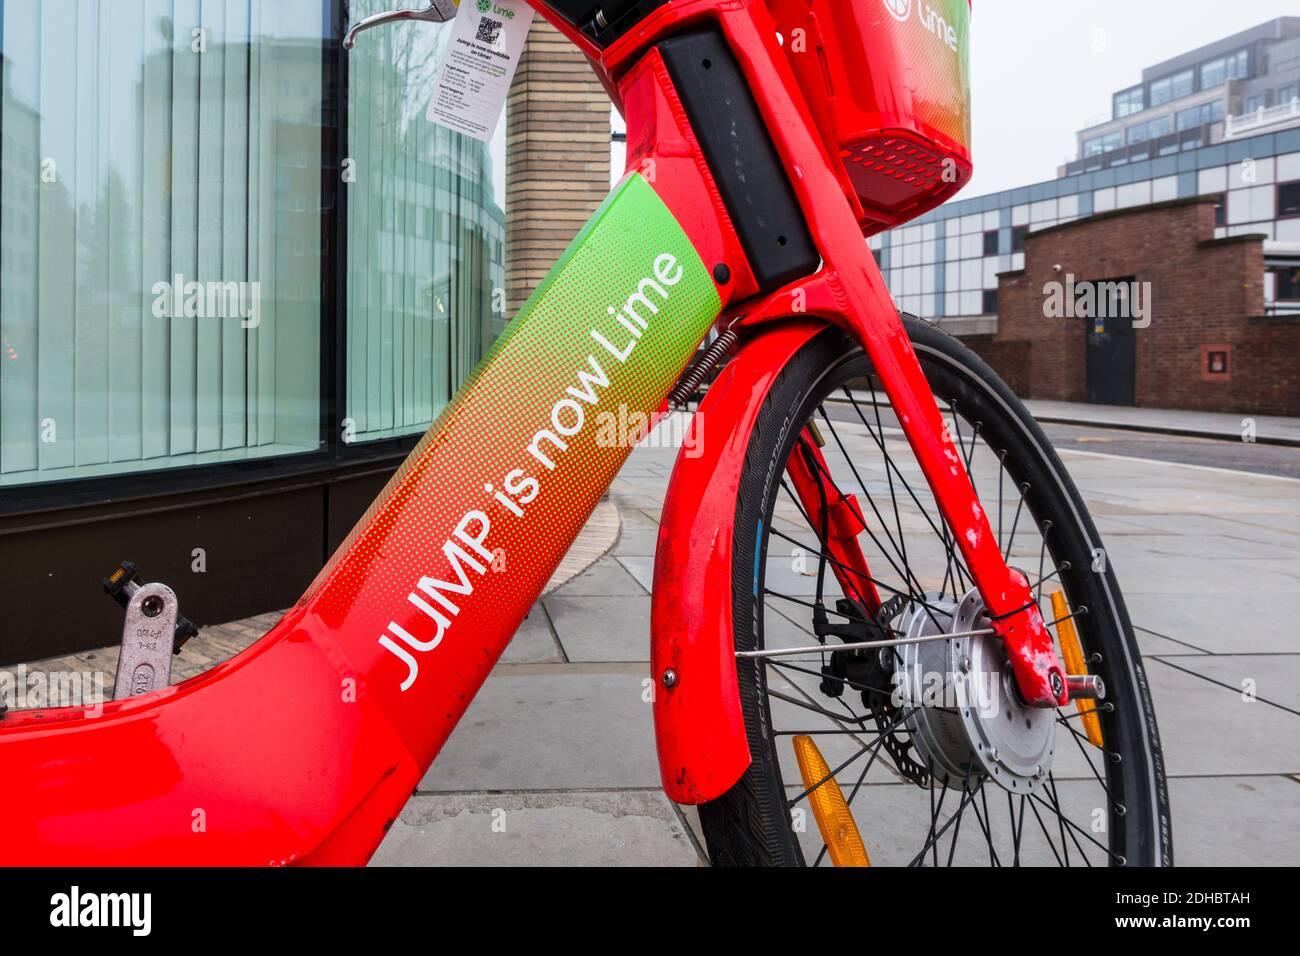 jump-is-now-lime-rebranded-jump-bike-on-london-pavement-2DHBTAH.jpg